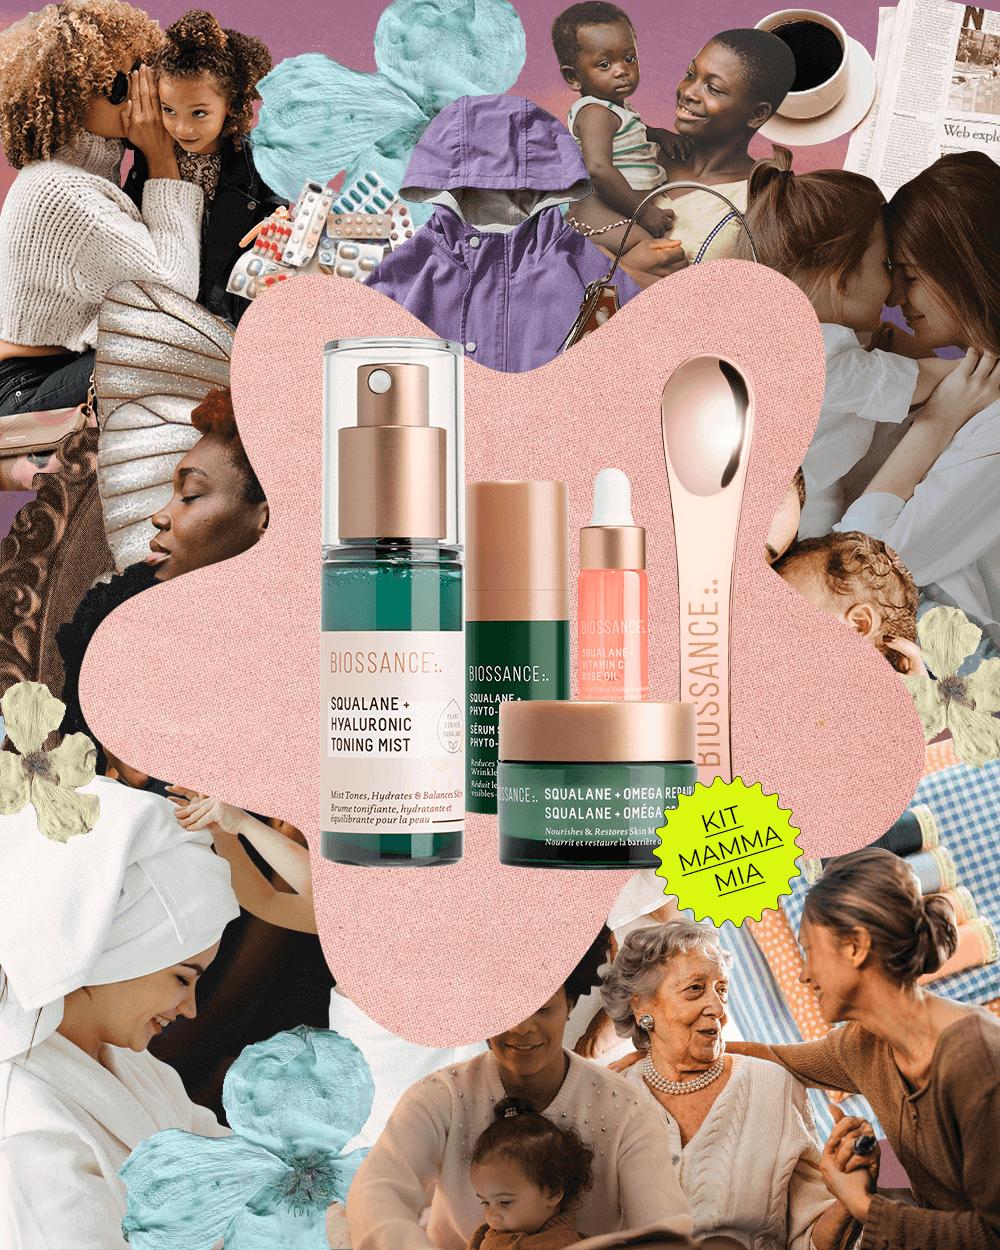 kit de beleza Biossance - kit de beleza Biossance - produtos de skincare  - outono - brasil - https://stealthelook.com.br